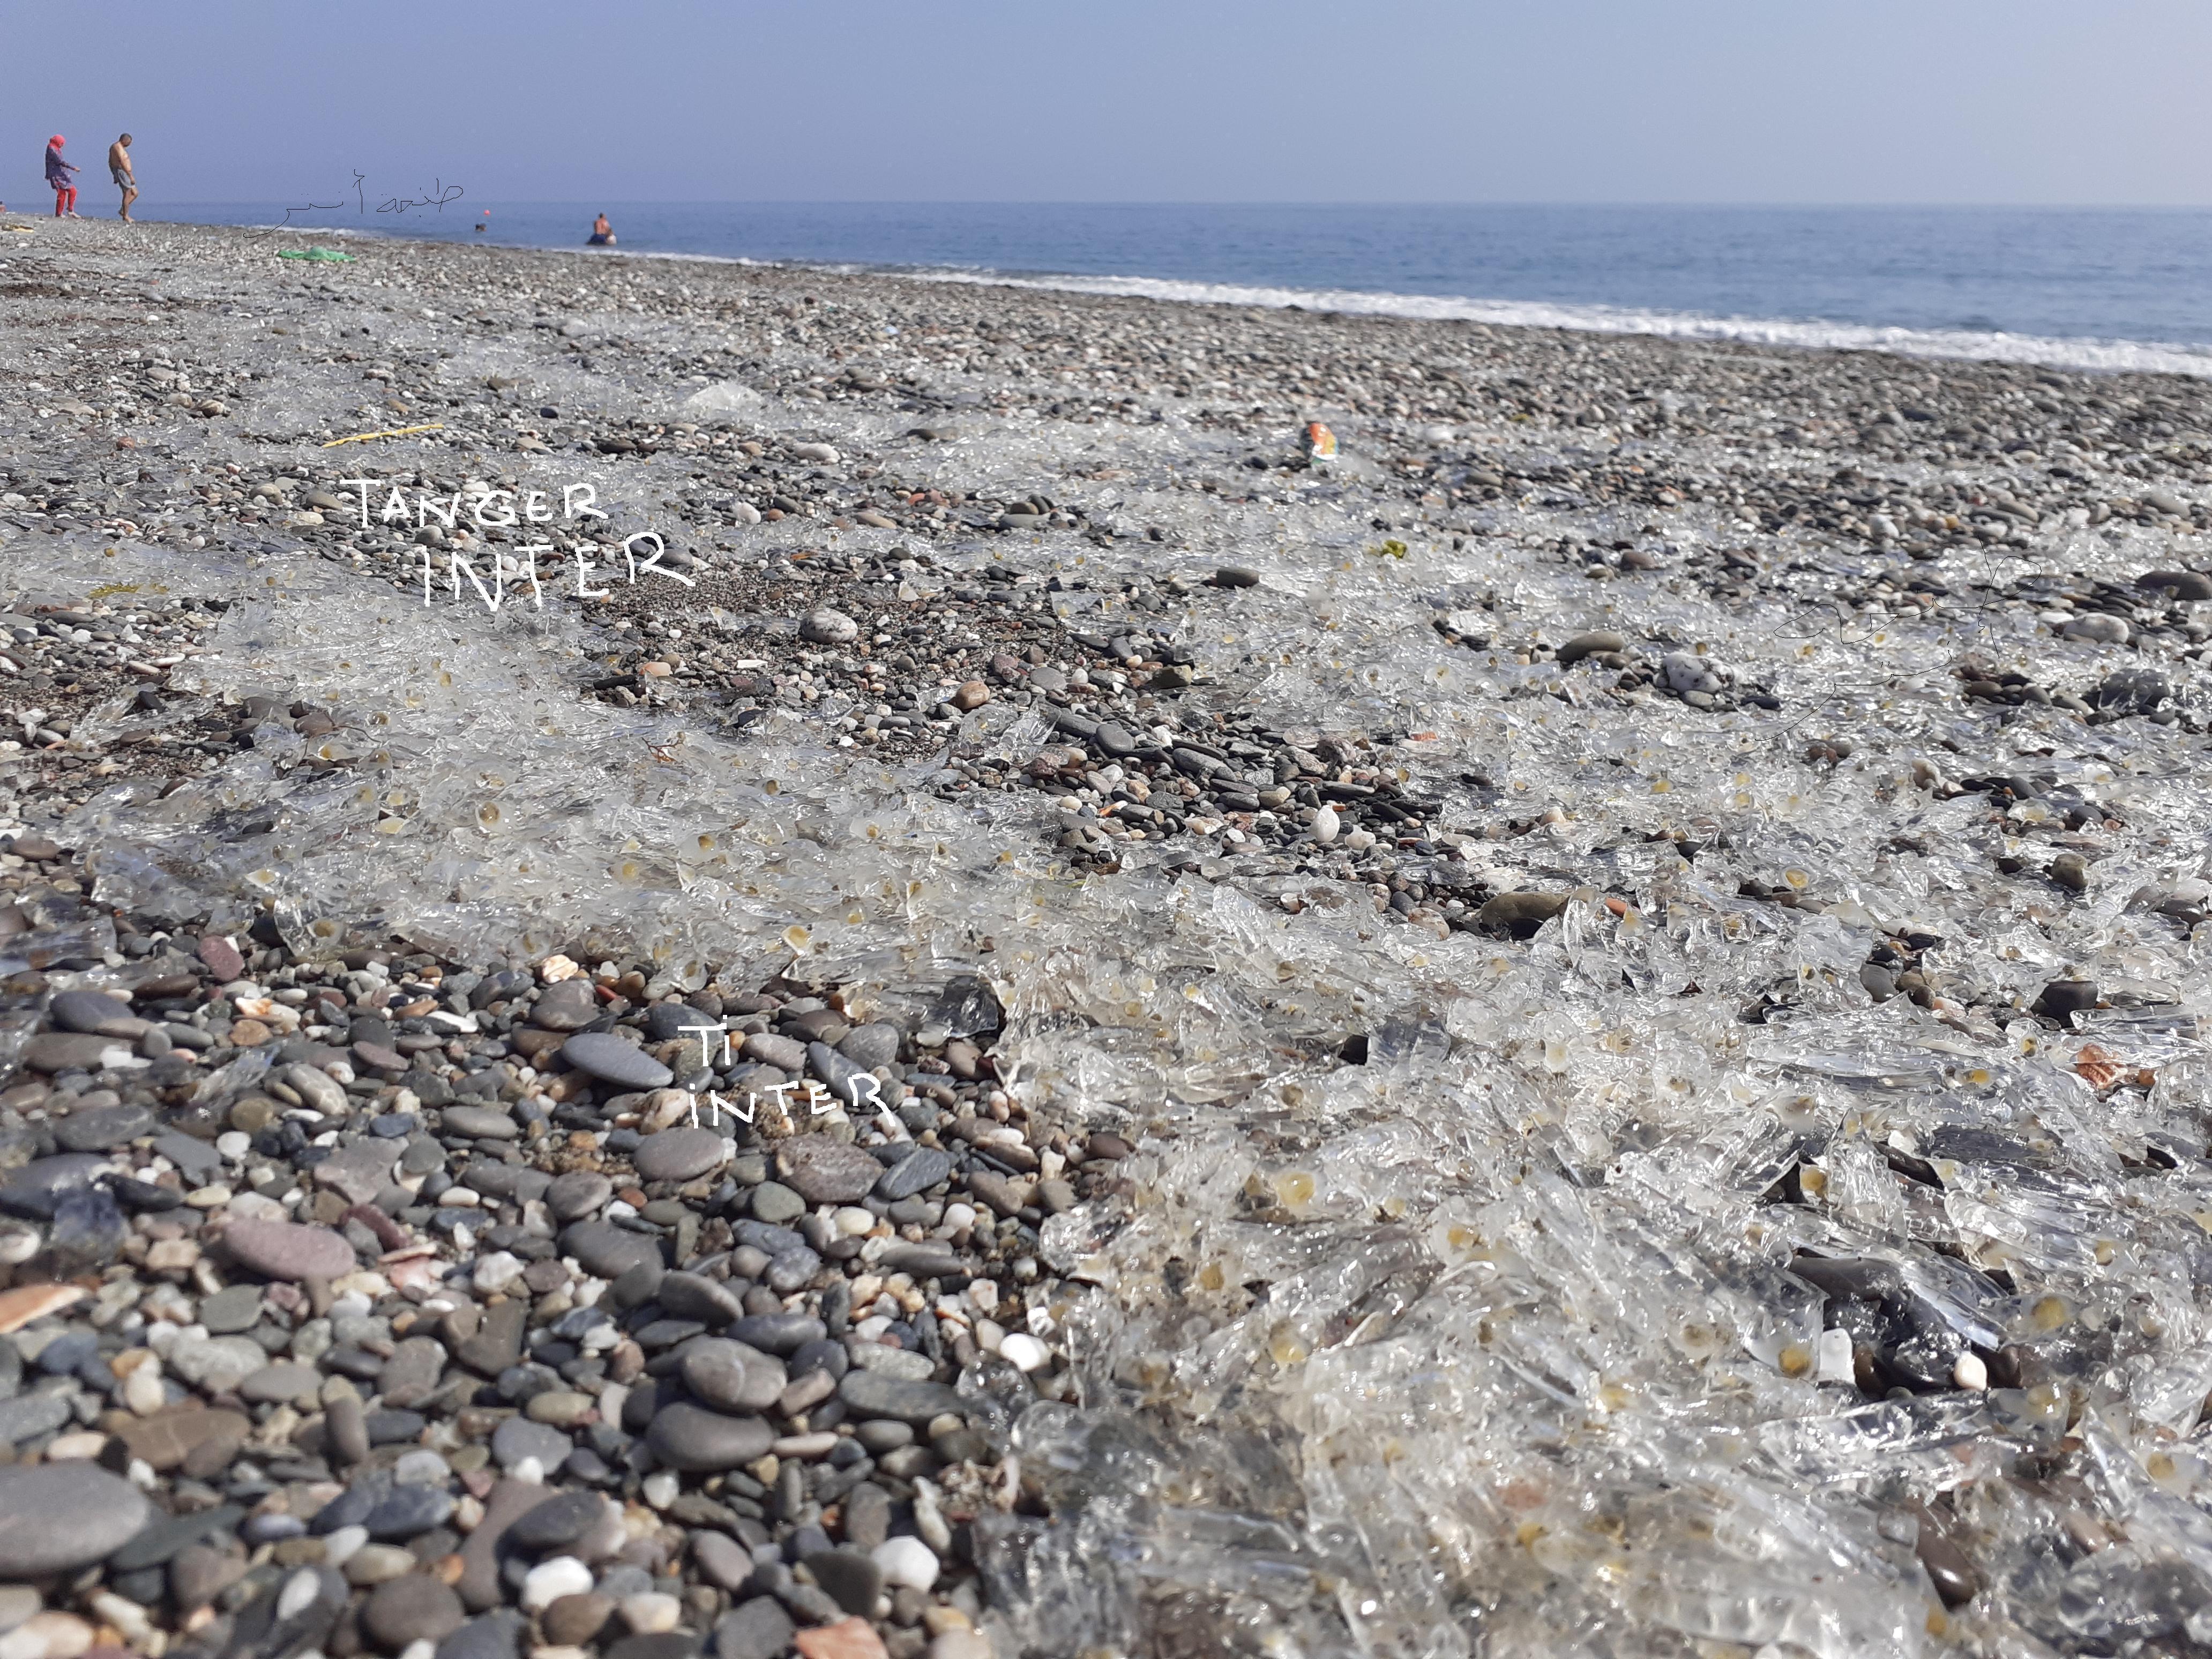 """ملايير بيوض """"أكوا بيبا"""" تغزو شواطئ الشمال + صور"""